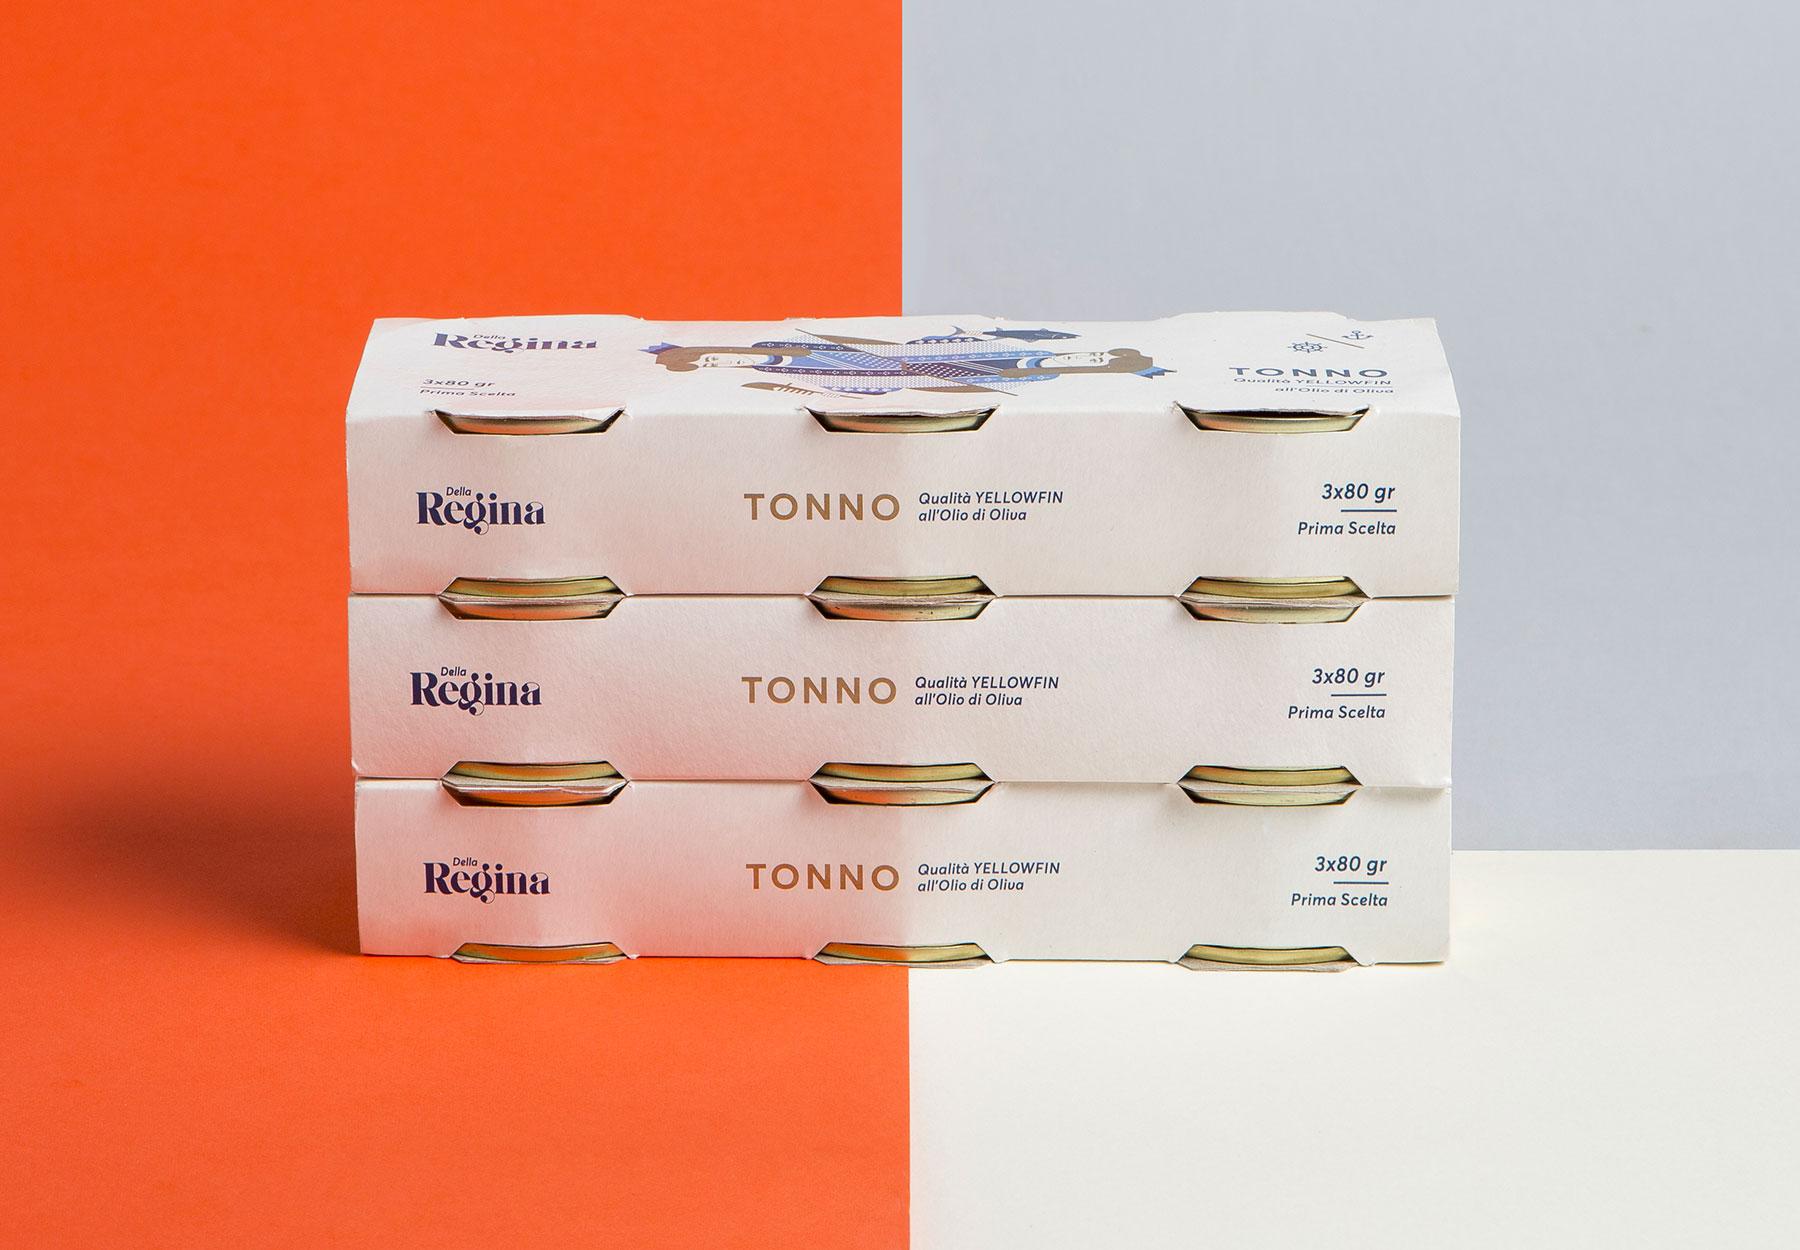 Progetto pack lattina tonno Dalla Regina Tagliapietra Drystudio